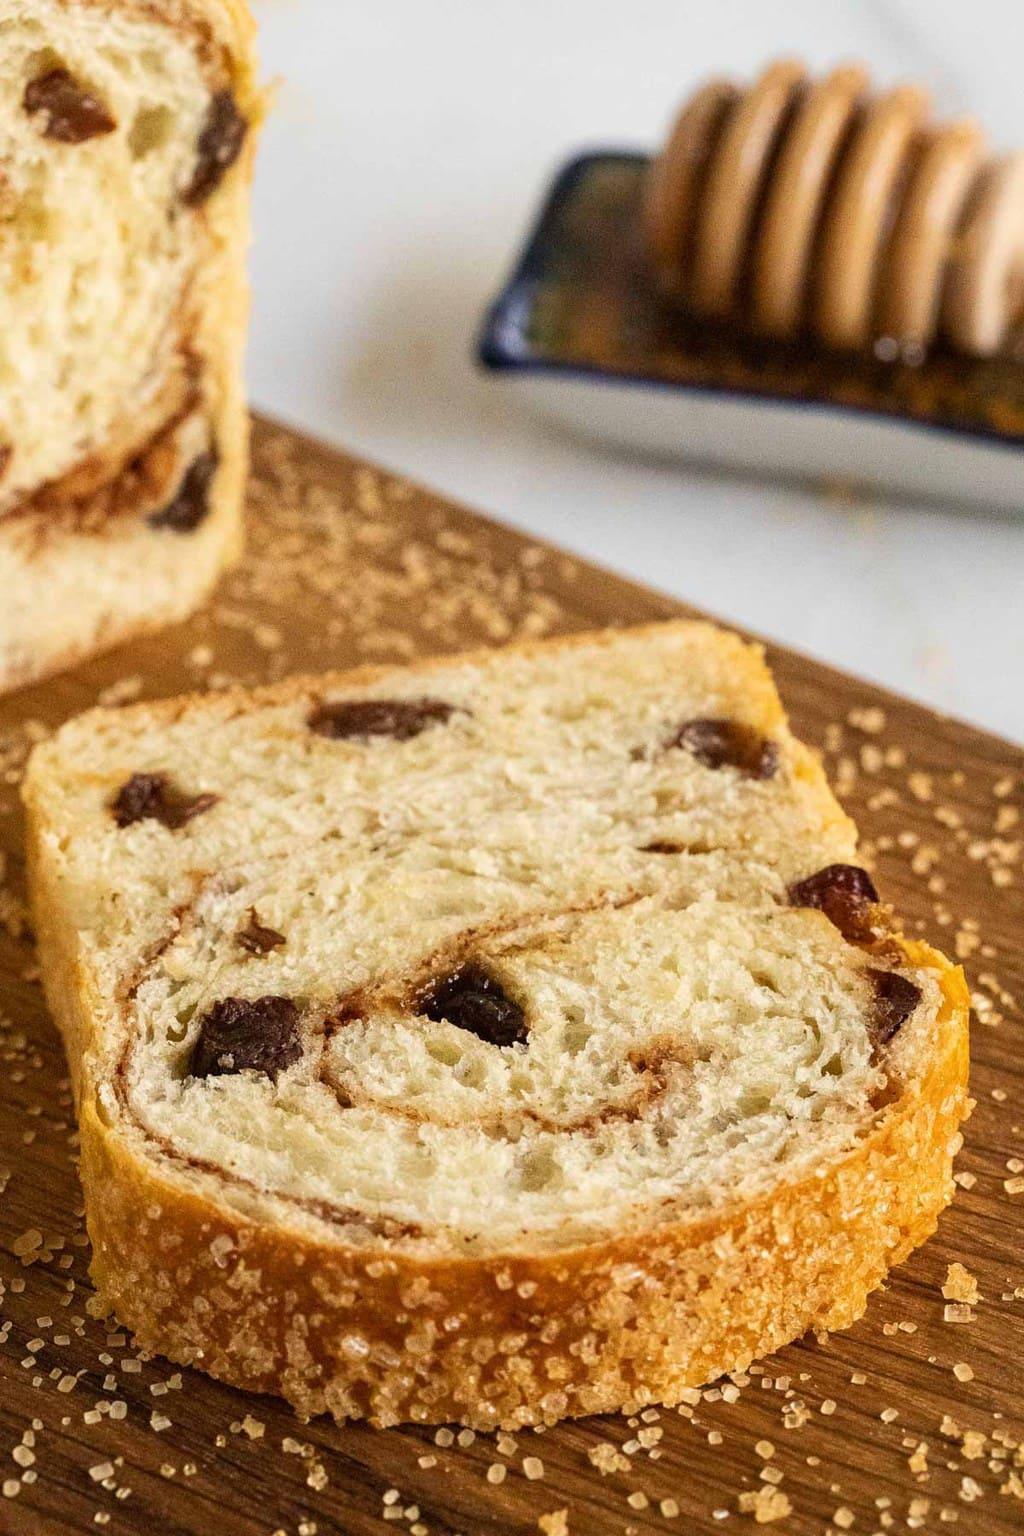 Vertical picture of a slice of Cinnamon Raisin Brioche Bread on a wooden cutting board